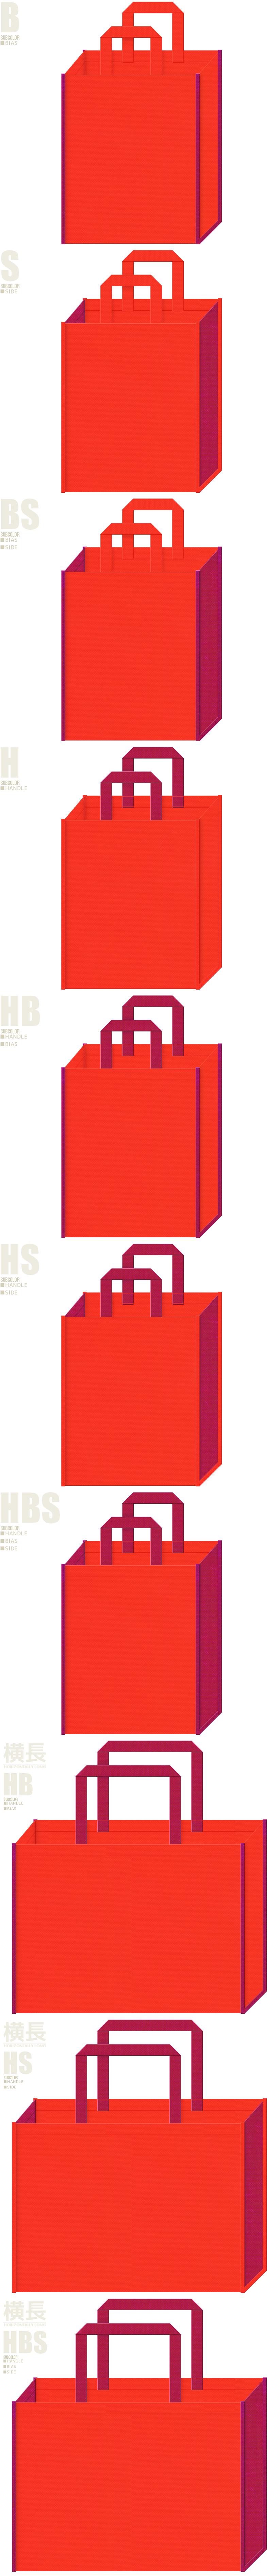 フルーツ・カクテル・トロピカル・南国リゾート・トラベルバッグにお奨めの不織布バッグデザイン:オレンジ色と濃いピンク色の配色7パターン